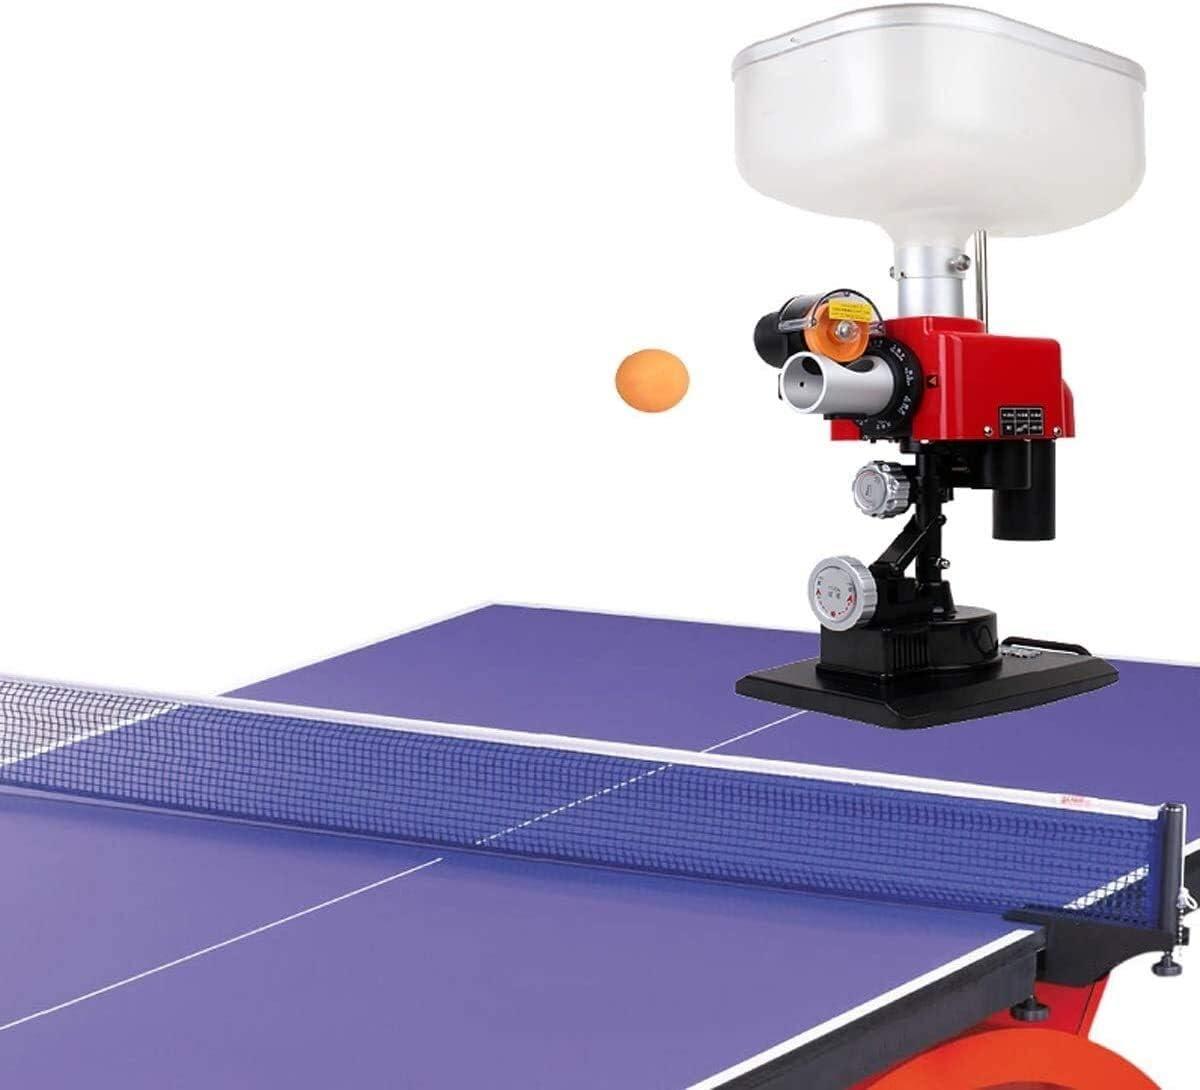 KDKDA Ping-pong Máquina robot Mesa de ping pong robot equipado con tabla de control de tenis robot con Net ping-pong de la bola de la máquina automática de la máquina Mesa de ping pong for la Formació